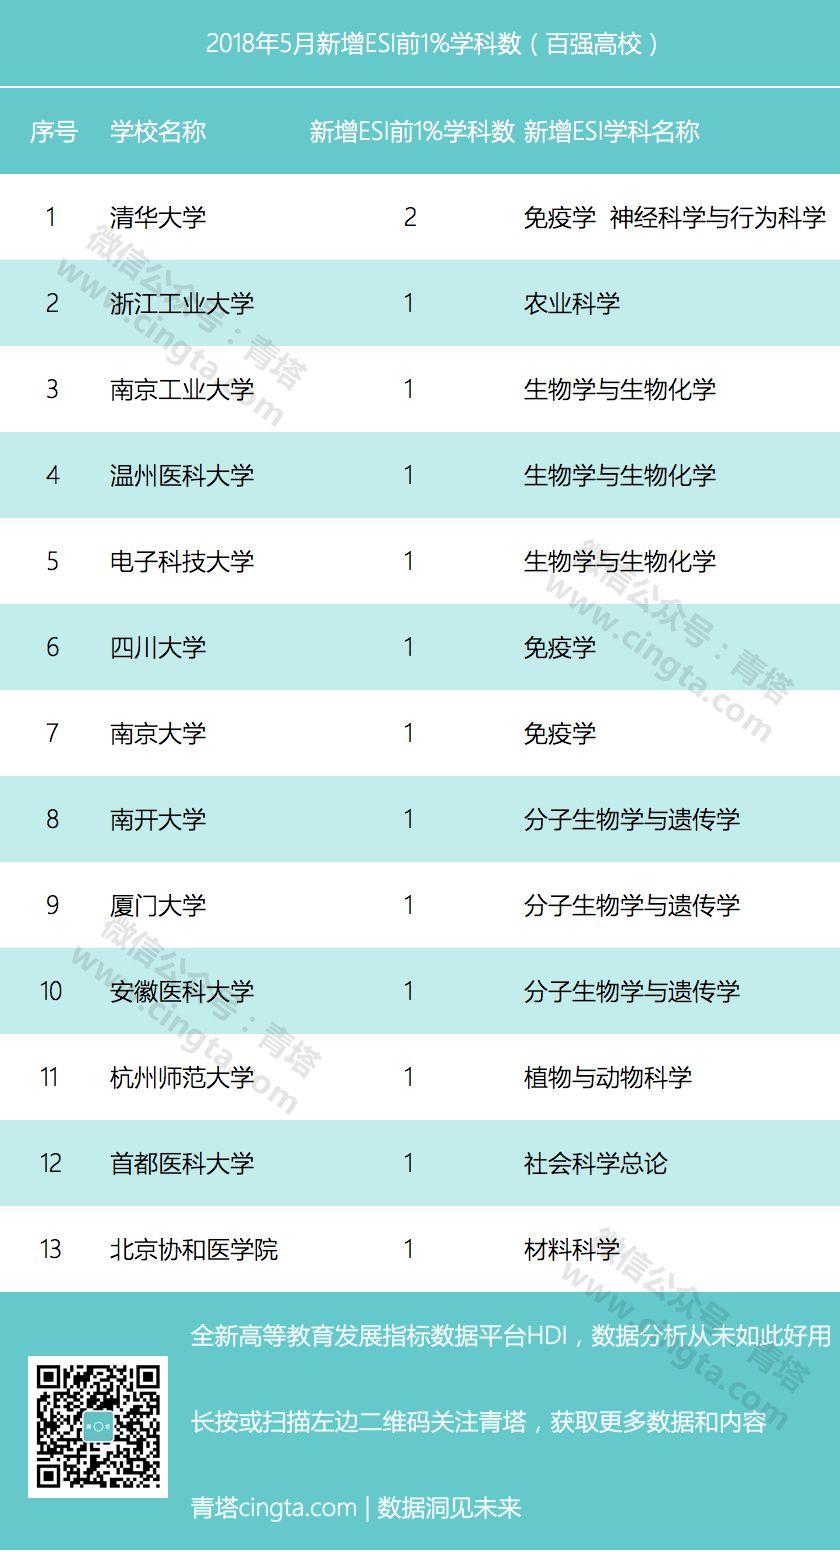 重磅:最新ESI中国大学综合排名百强出炉(2018年5月)!